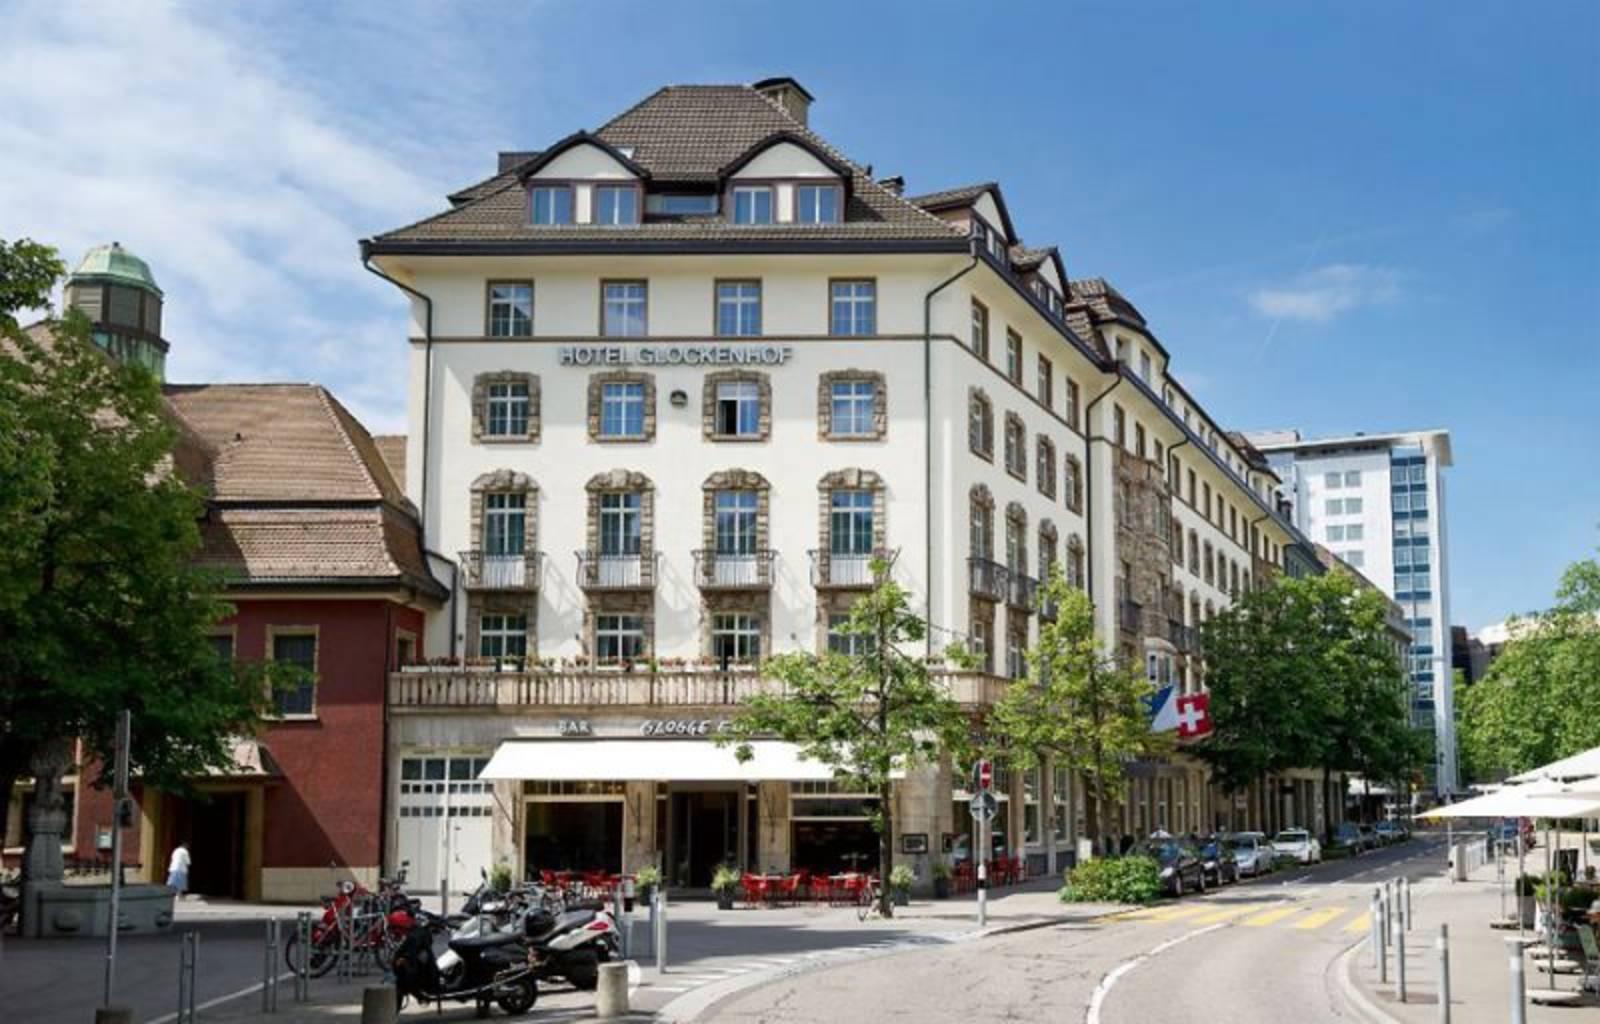 Hotel Glockenhof Vch Hotels